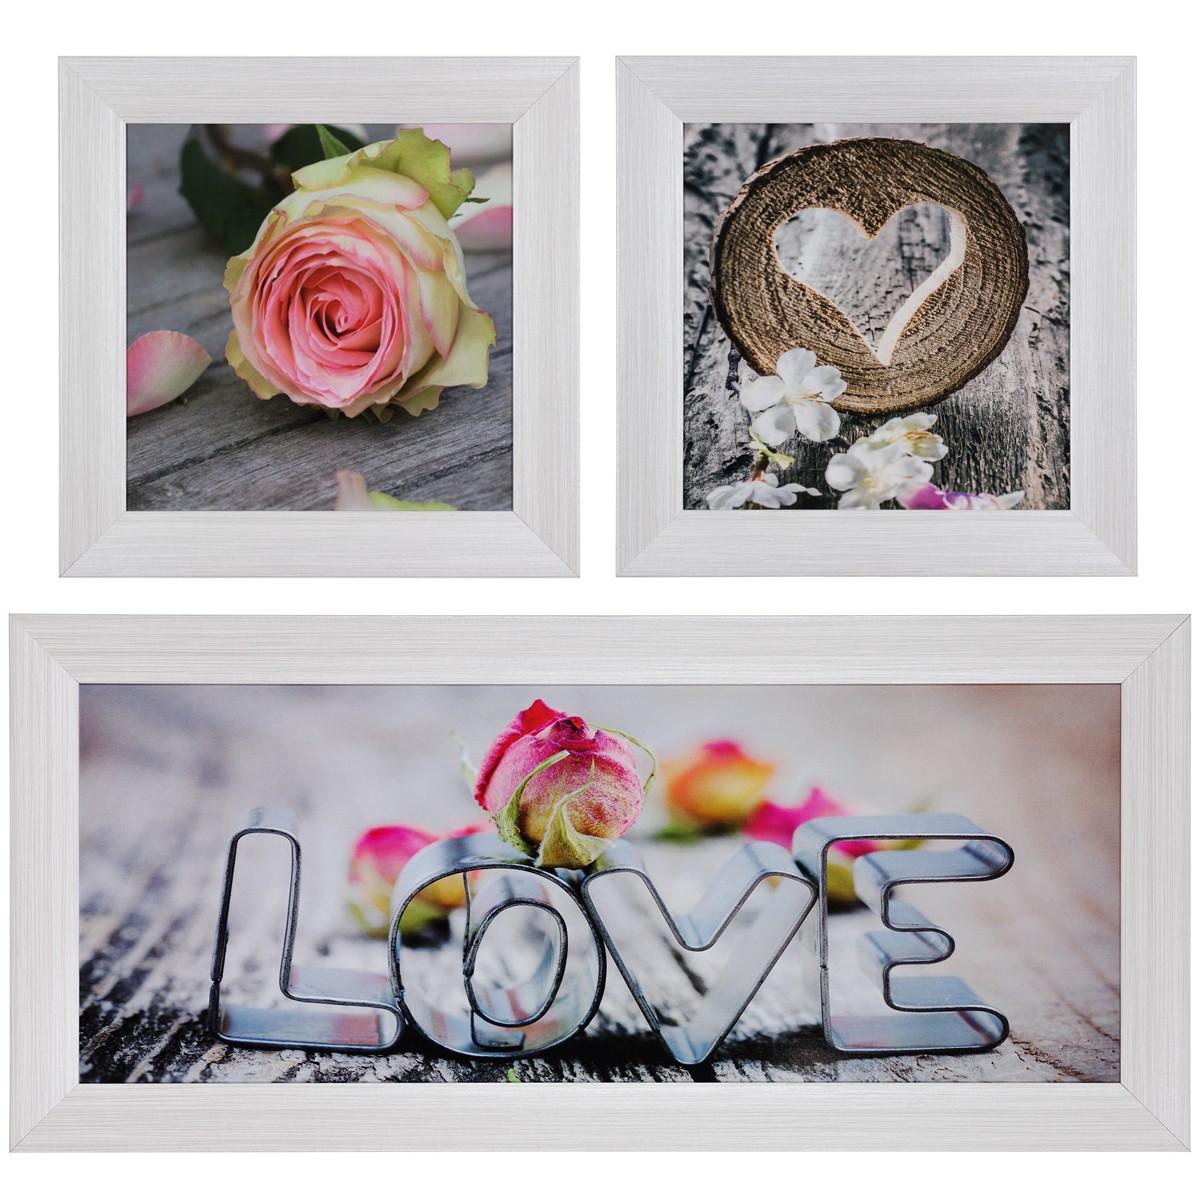 wandbild 3er set bilder gerahmt vers gr en love rosen. Black Bedroom Furniture Sets. Home Design Ideas